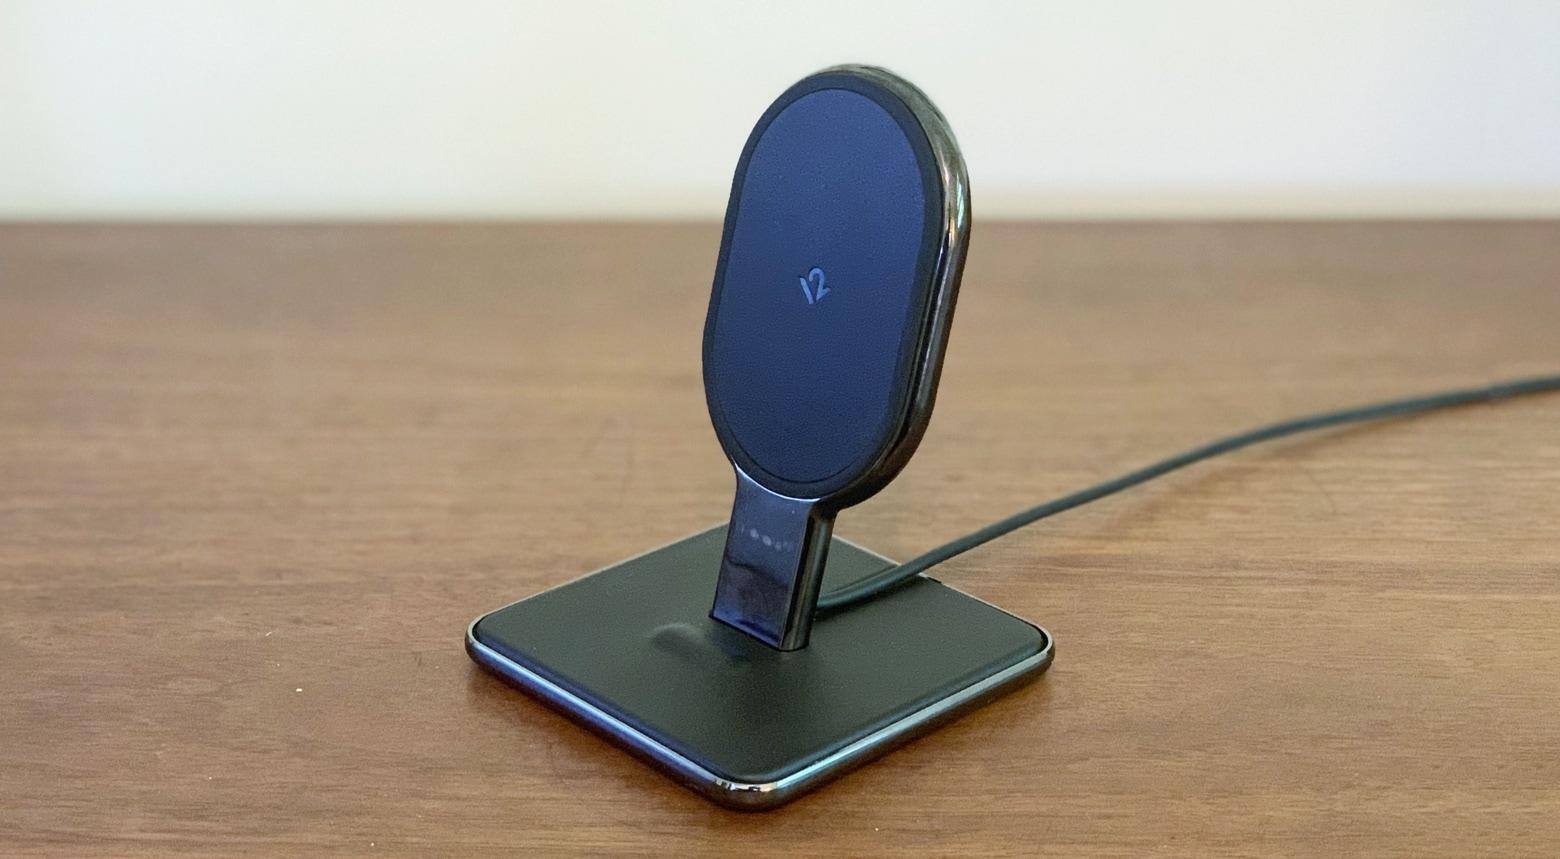 5 Aksesoris iPhone 11 Untuk Melengkapi Ponselmu Biar Makin Kece 6